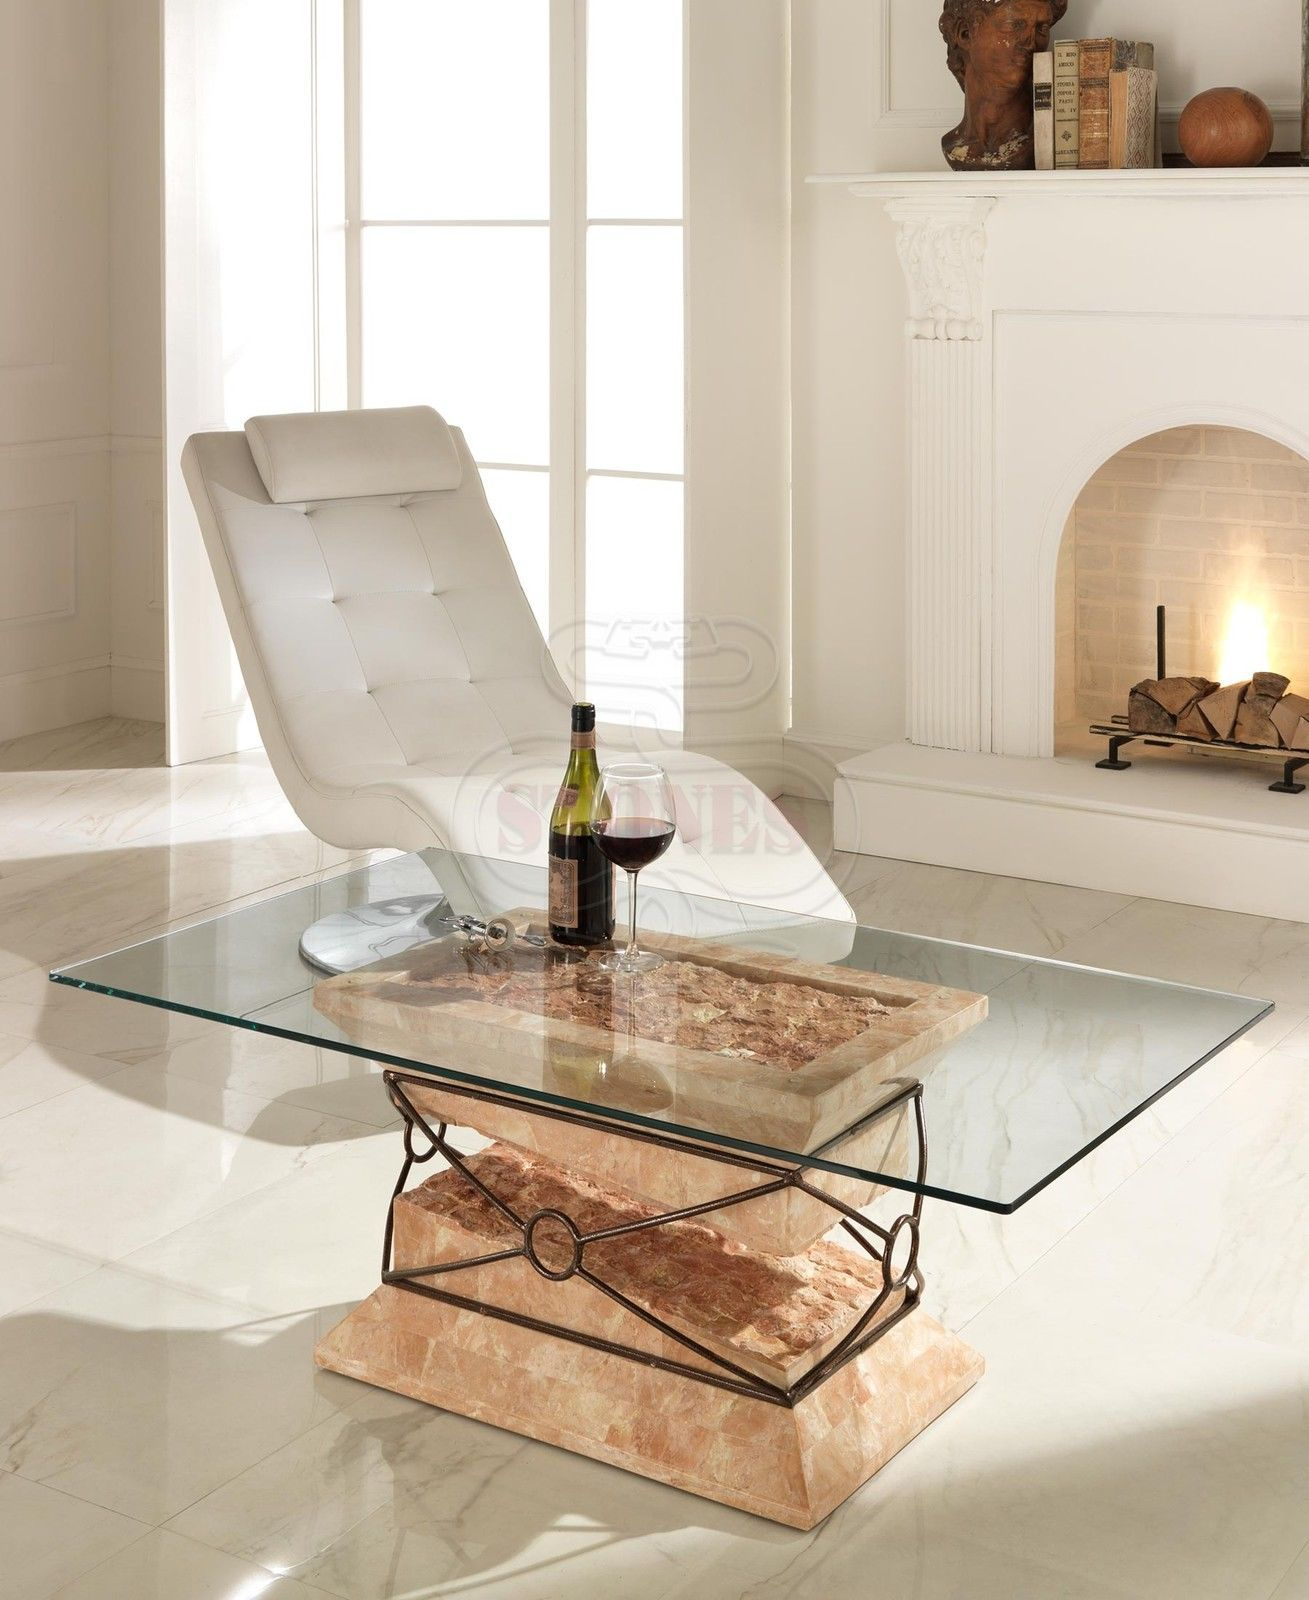 Tavoli In Pietra E Cristallo.Tavolino Da Salotto In Cristallo E Pietra Elegante Soggiorno Sala